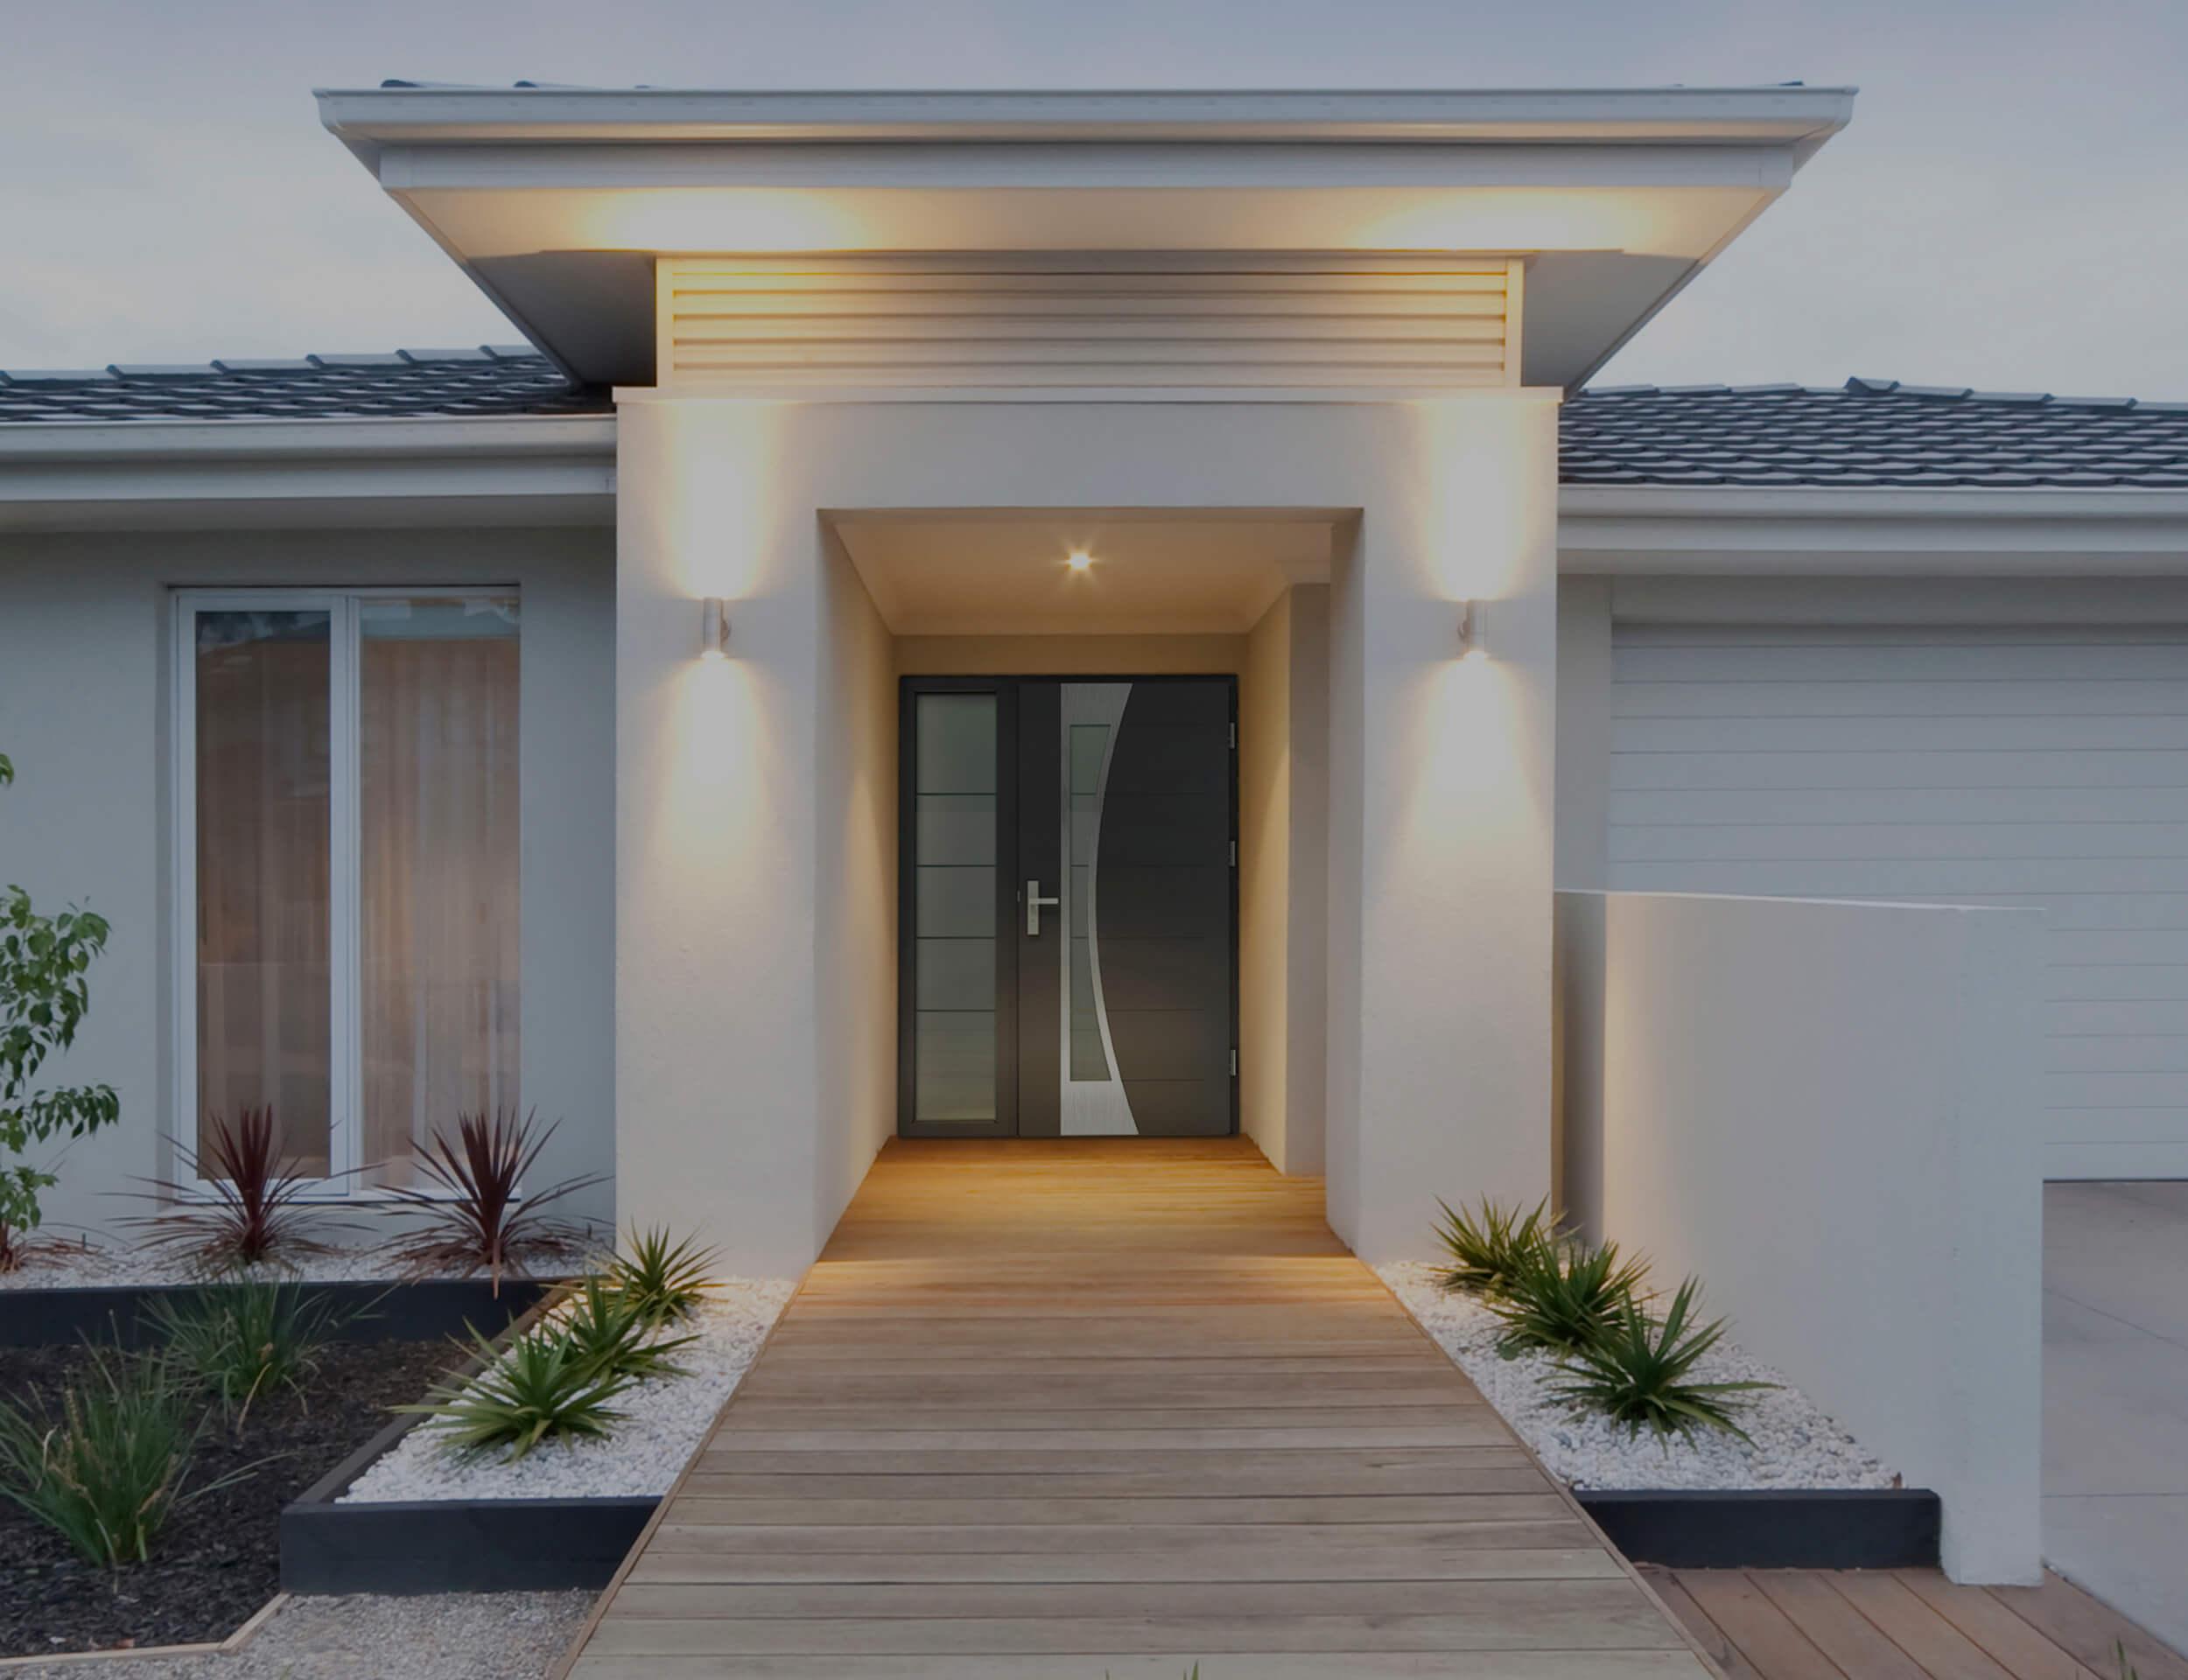 drzwi-zewnetrzne-metalowe-iporti